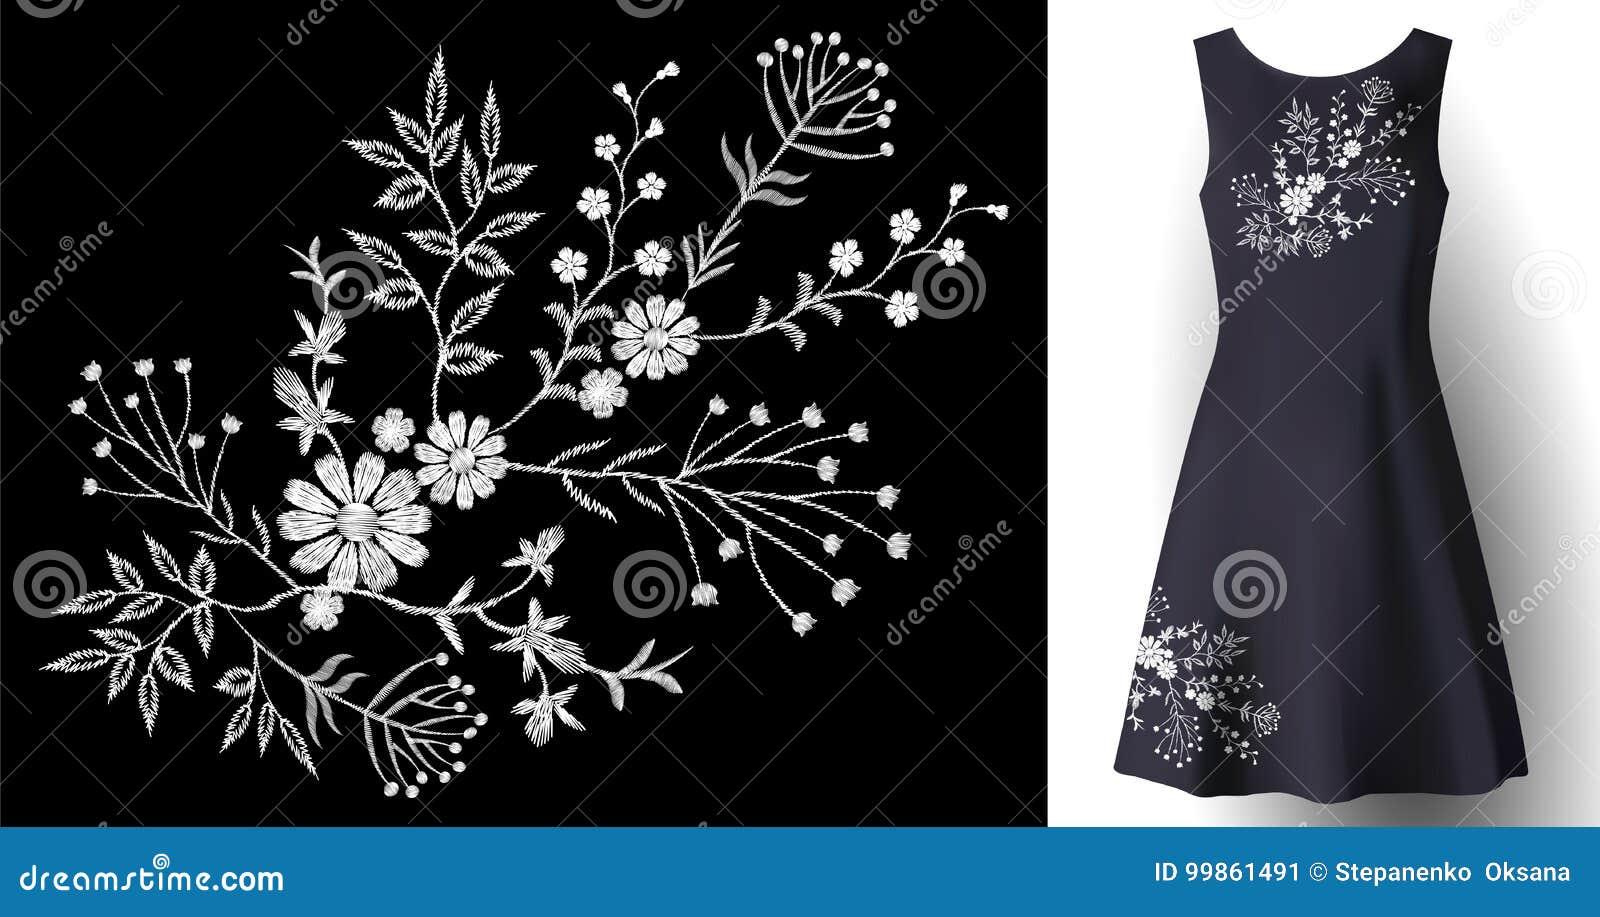 Ρεαλιστική floral διακόσμηση κεντητικής φορεμάτων γυναικών η τρισδιάστατη λεπτομερής μόδα έραψε το άσπρο μπάλωμα διακοσμήσεων σε